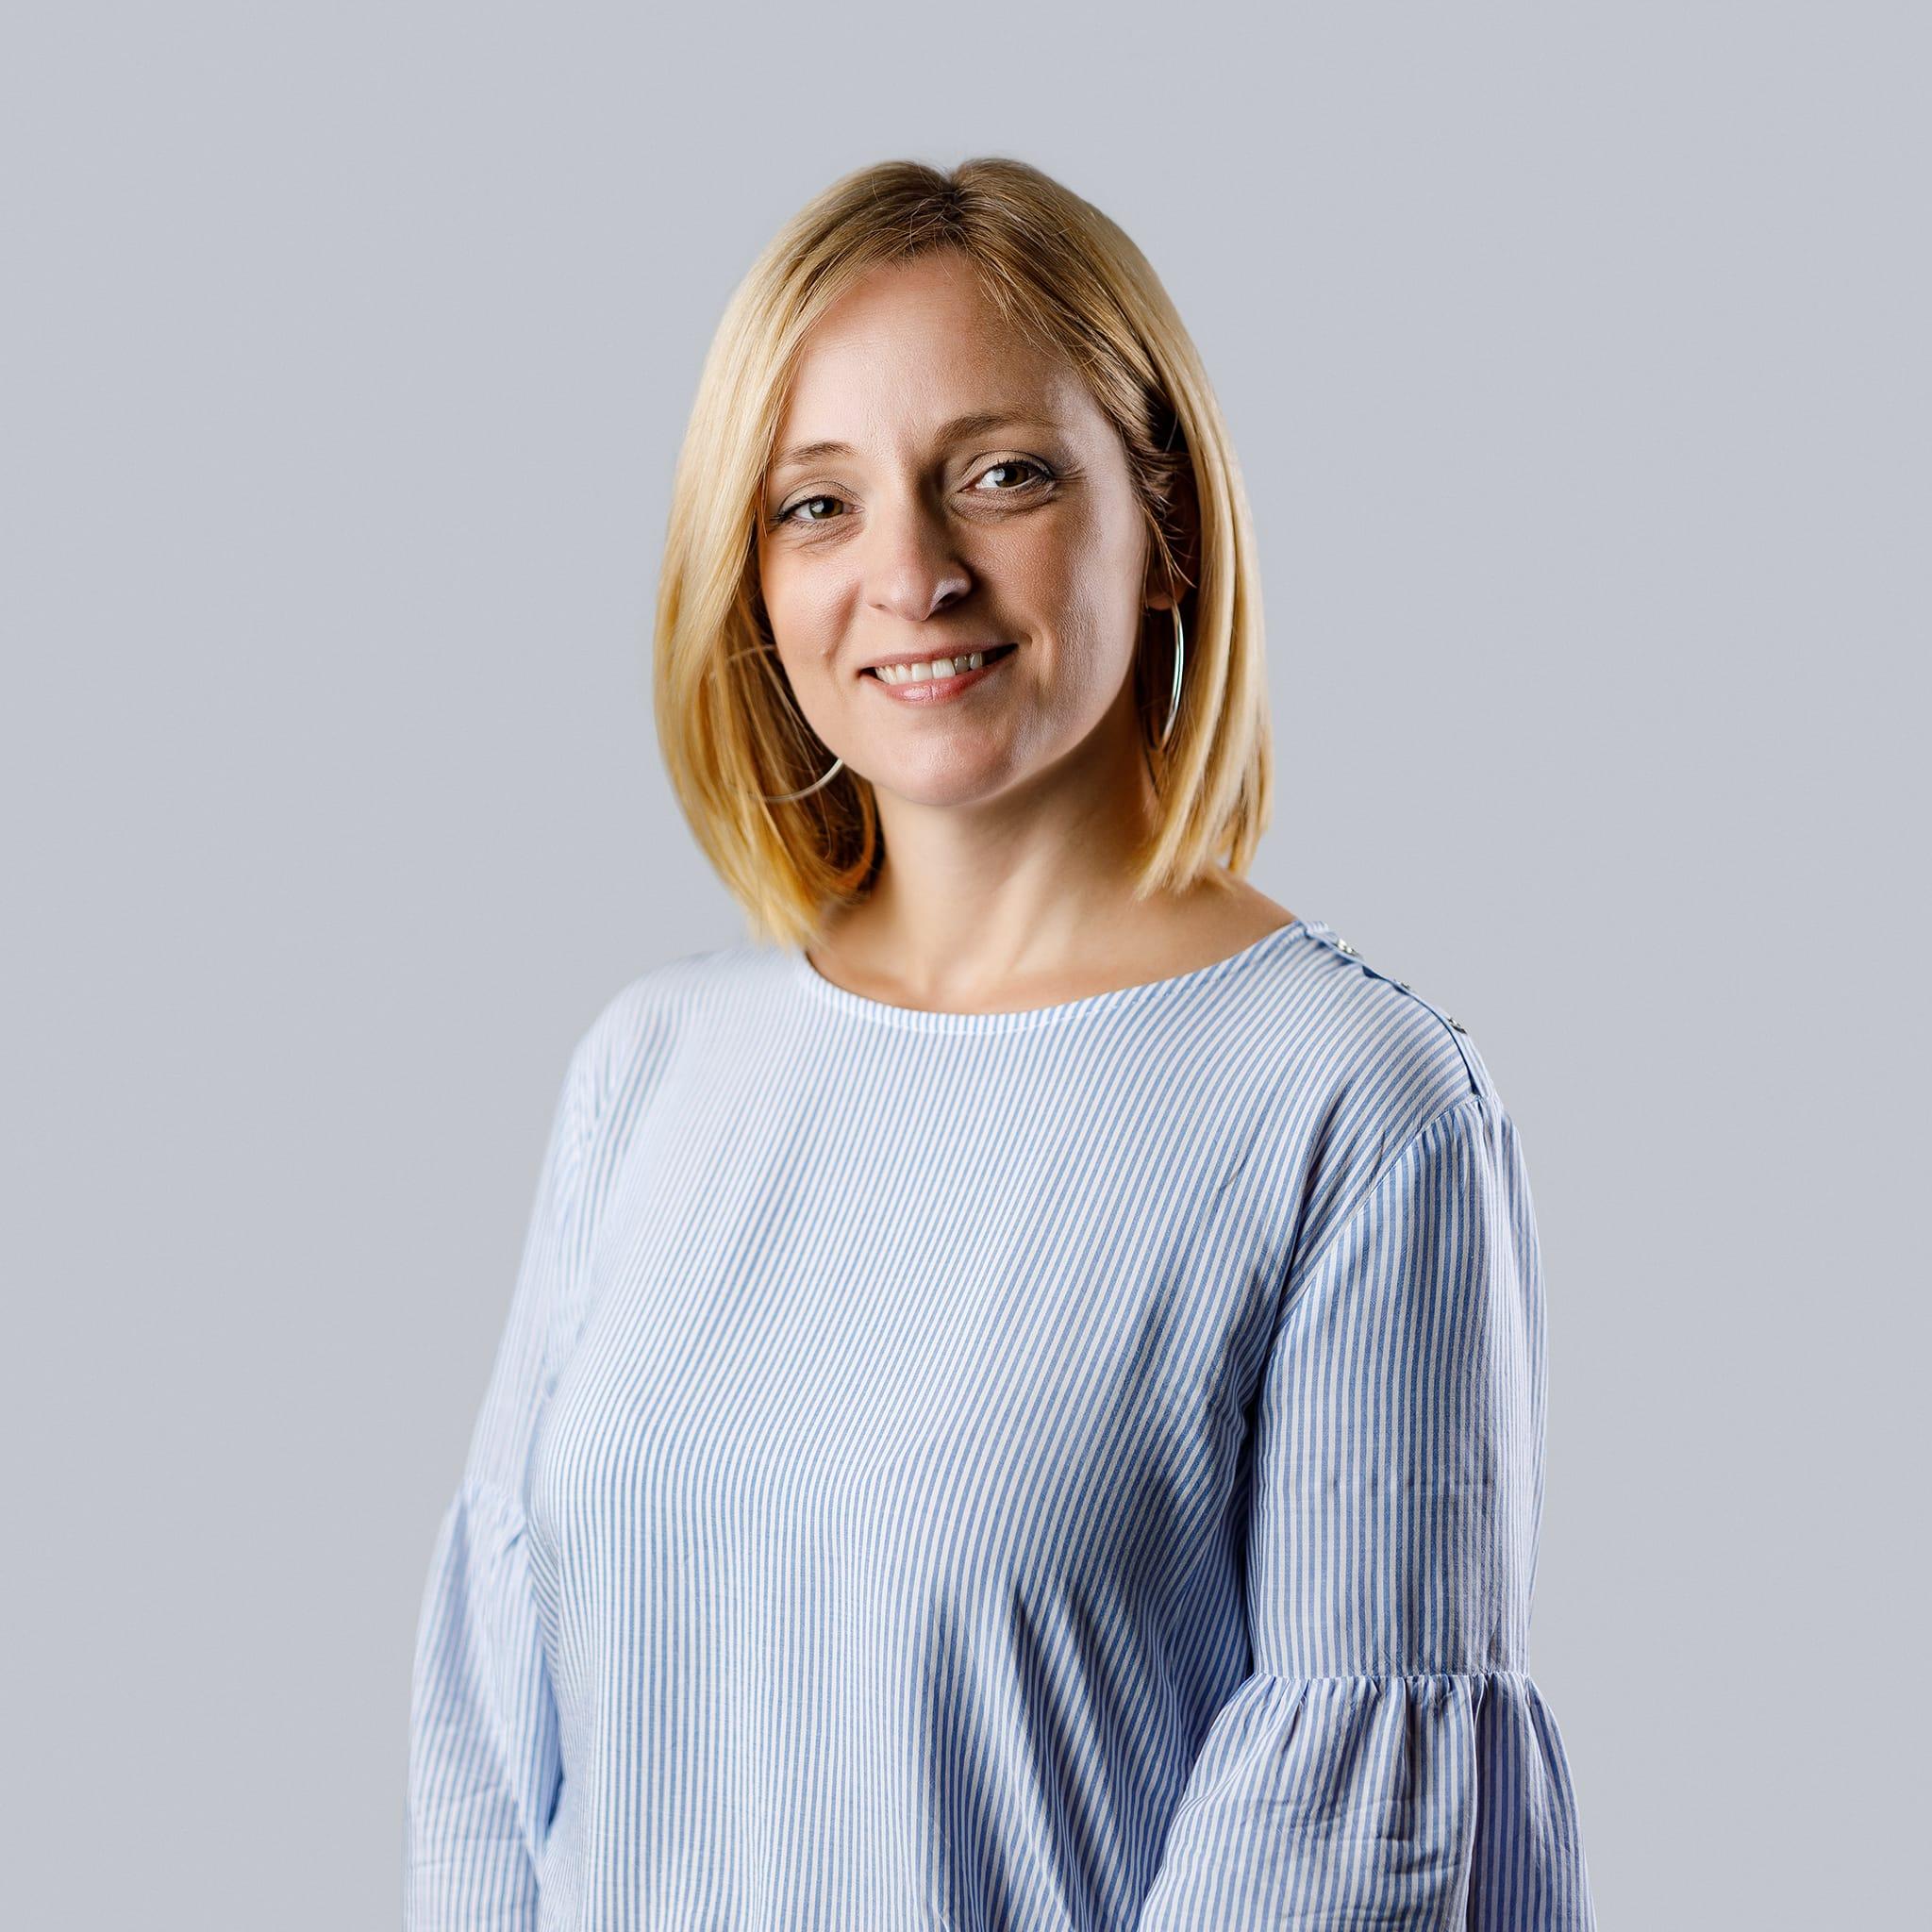 Poslovni portret mlade, plave žene u plavoj košulji.